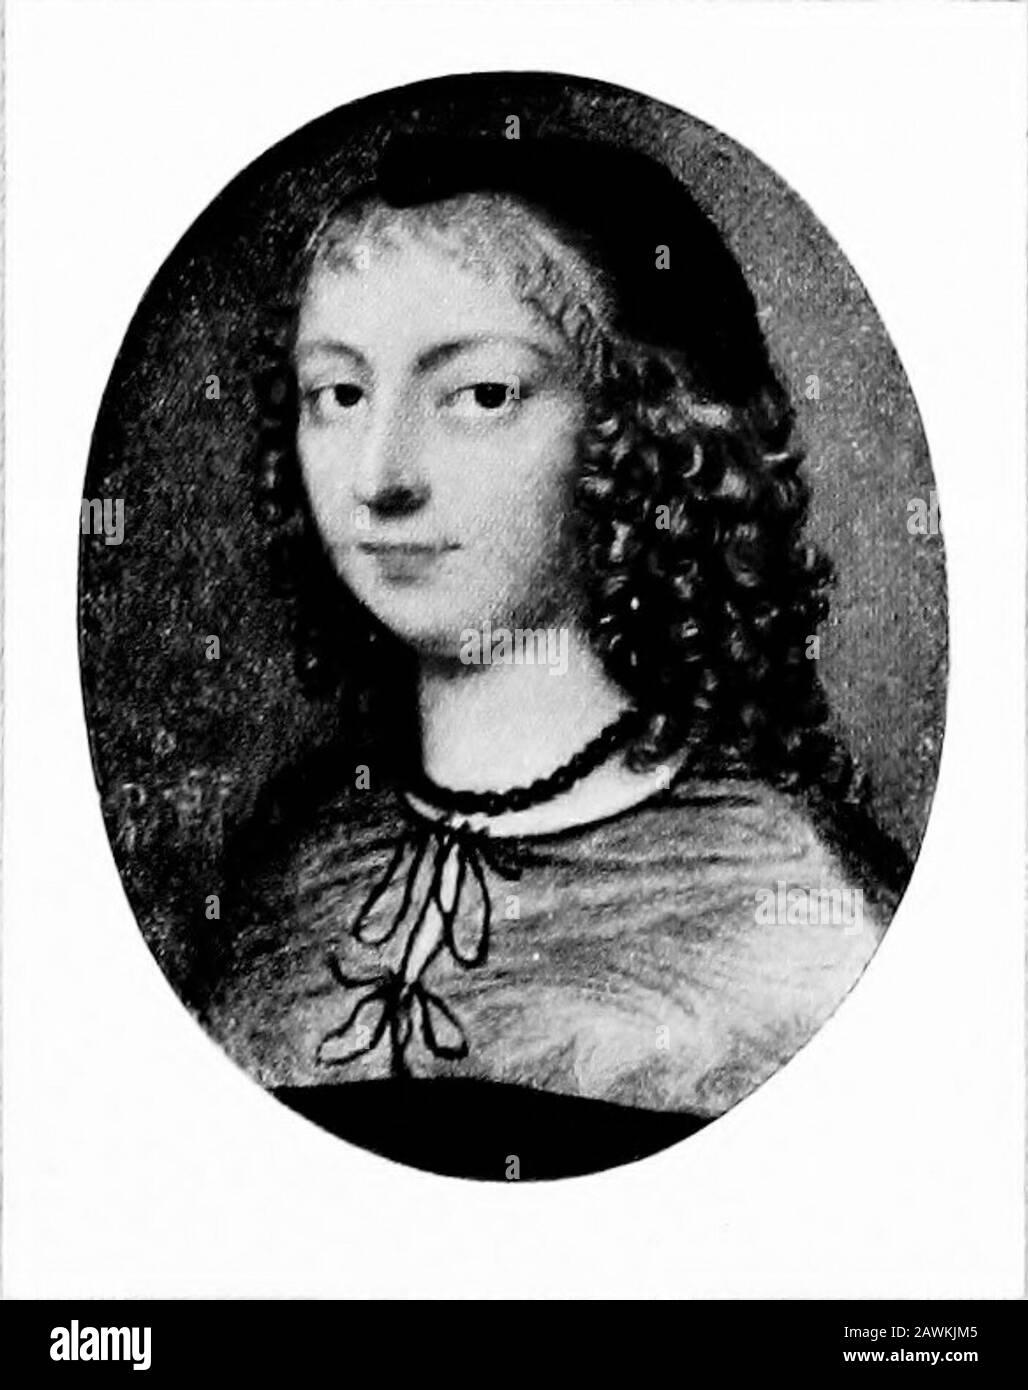 Miniature verticali; . MISS CHRISTIAN TEMPLEBY O DOPO SAMUEL COOPER DALLA COLLEZIONE DELLA RT. HON. SIR CHARLES DILKE, BART., M.P.,. RACHEL FANE, CONTESSA DI BATH E SUCCESSIVAMENTE DI MIDDLESEX (161 2-1680) DI DAVID DES GRANGES DALLA COLLEZIONE DEL SIG. E. M. HODGKIN3 Foto Stock